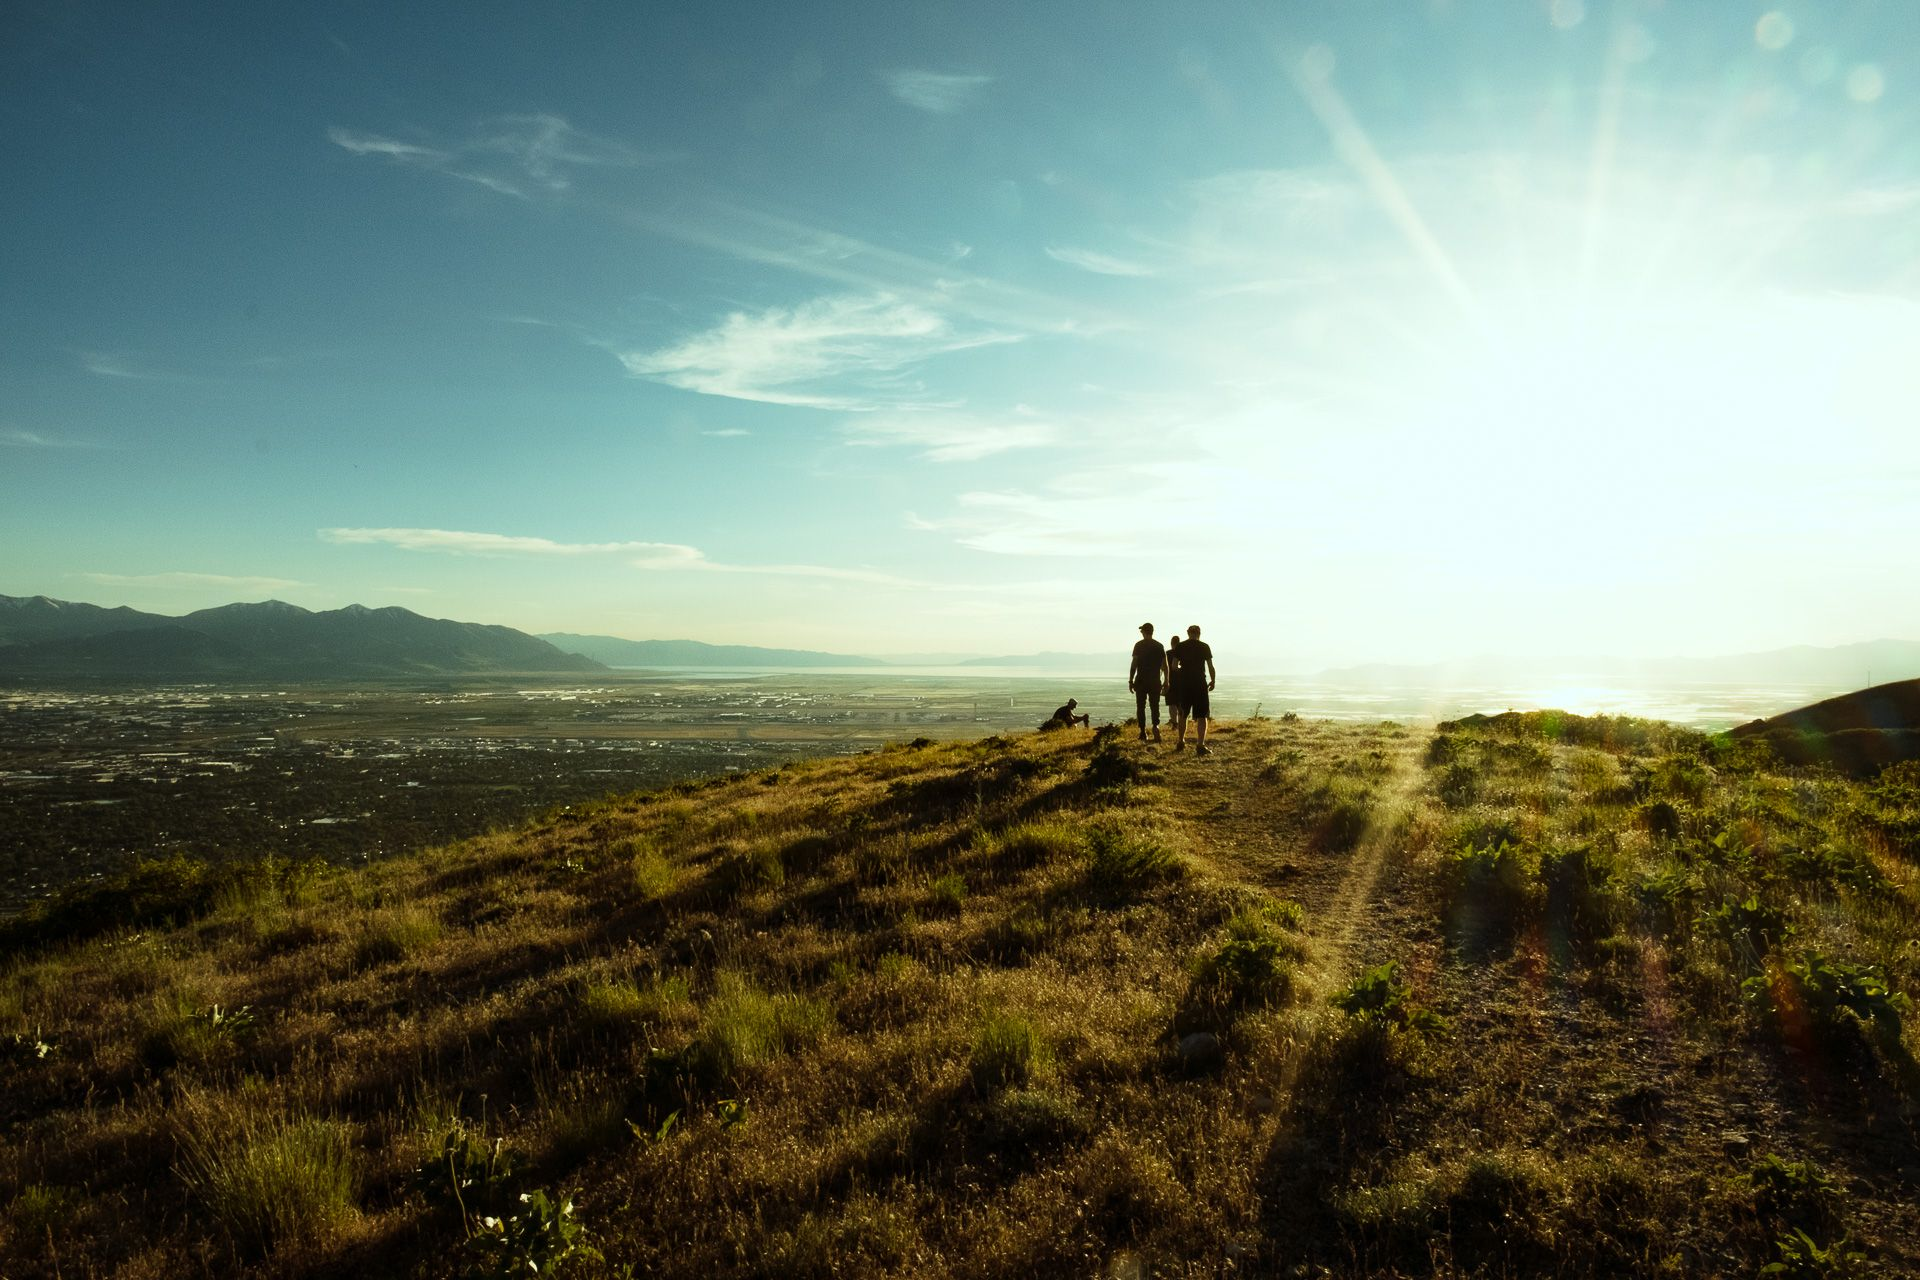 team standing on mountain peak at sunset